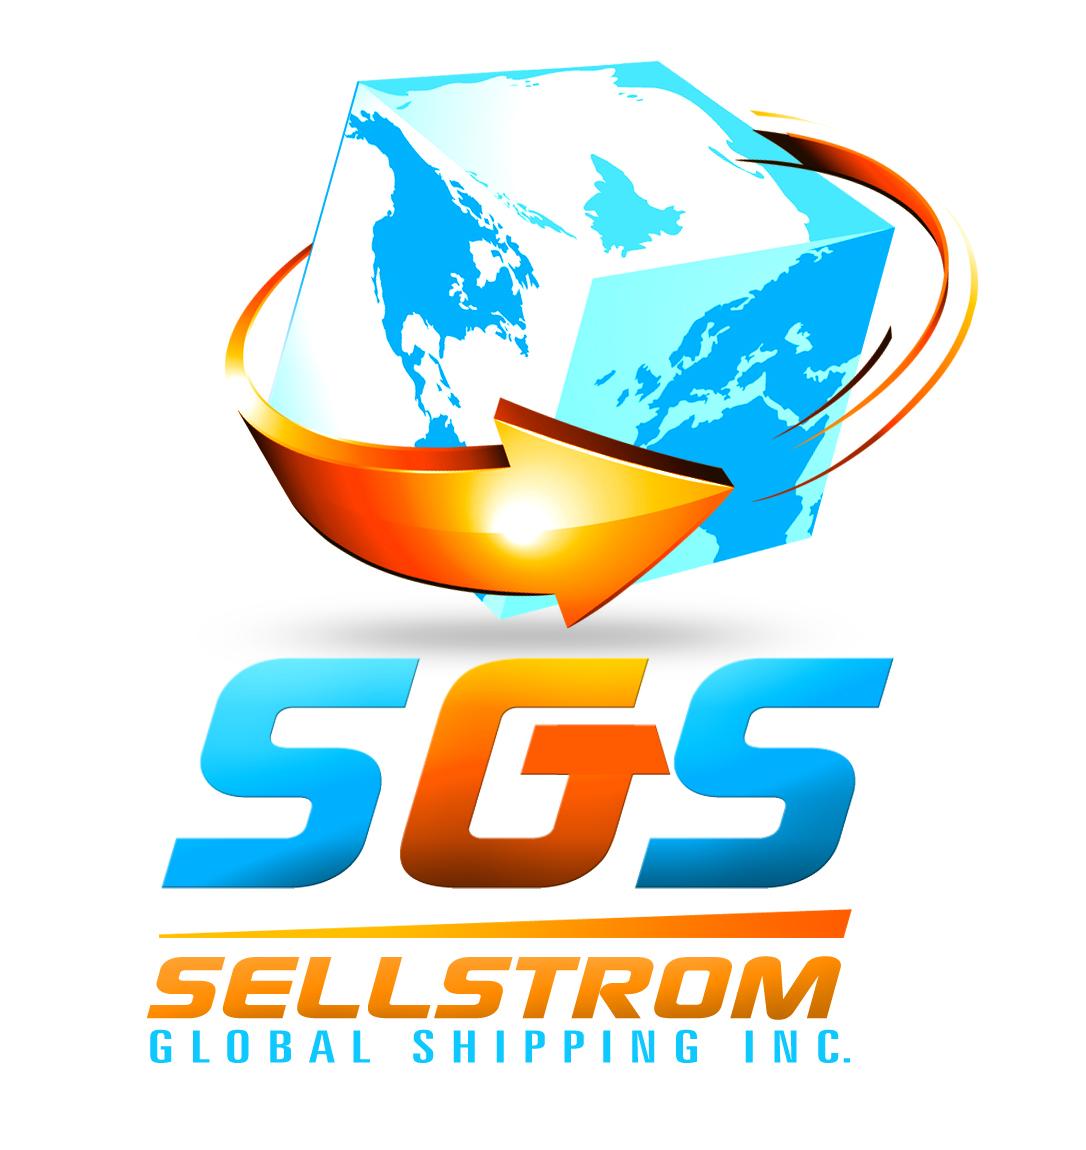 Sellstrom Global Shipping Logo